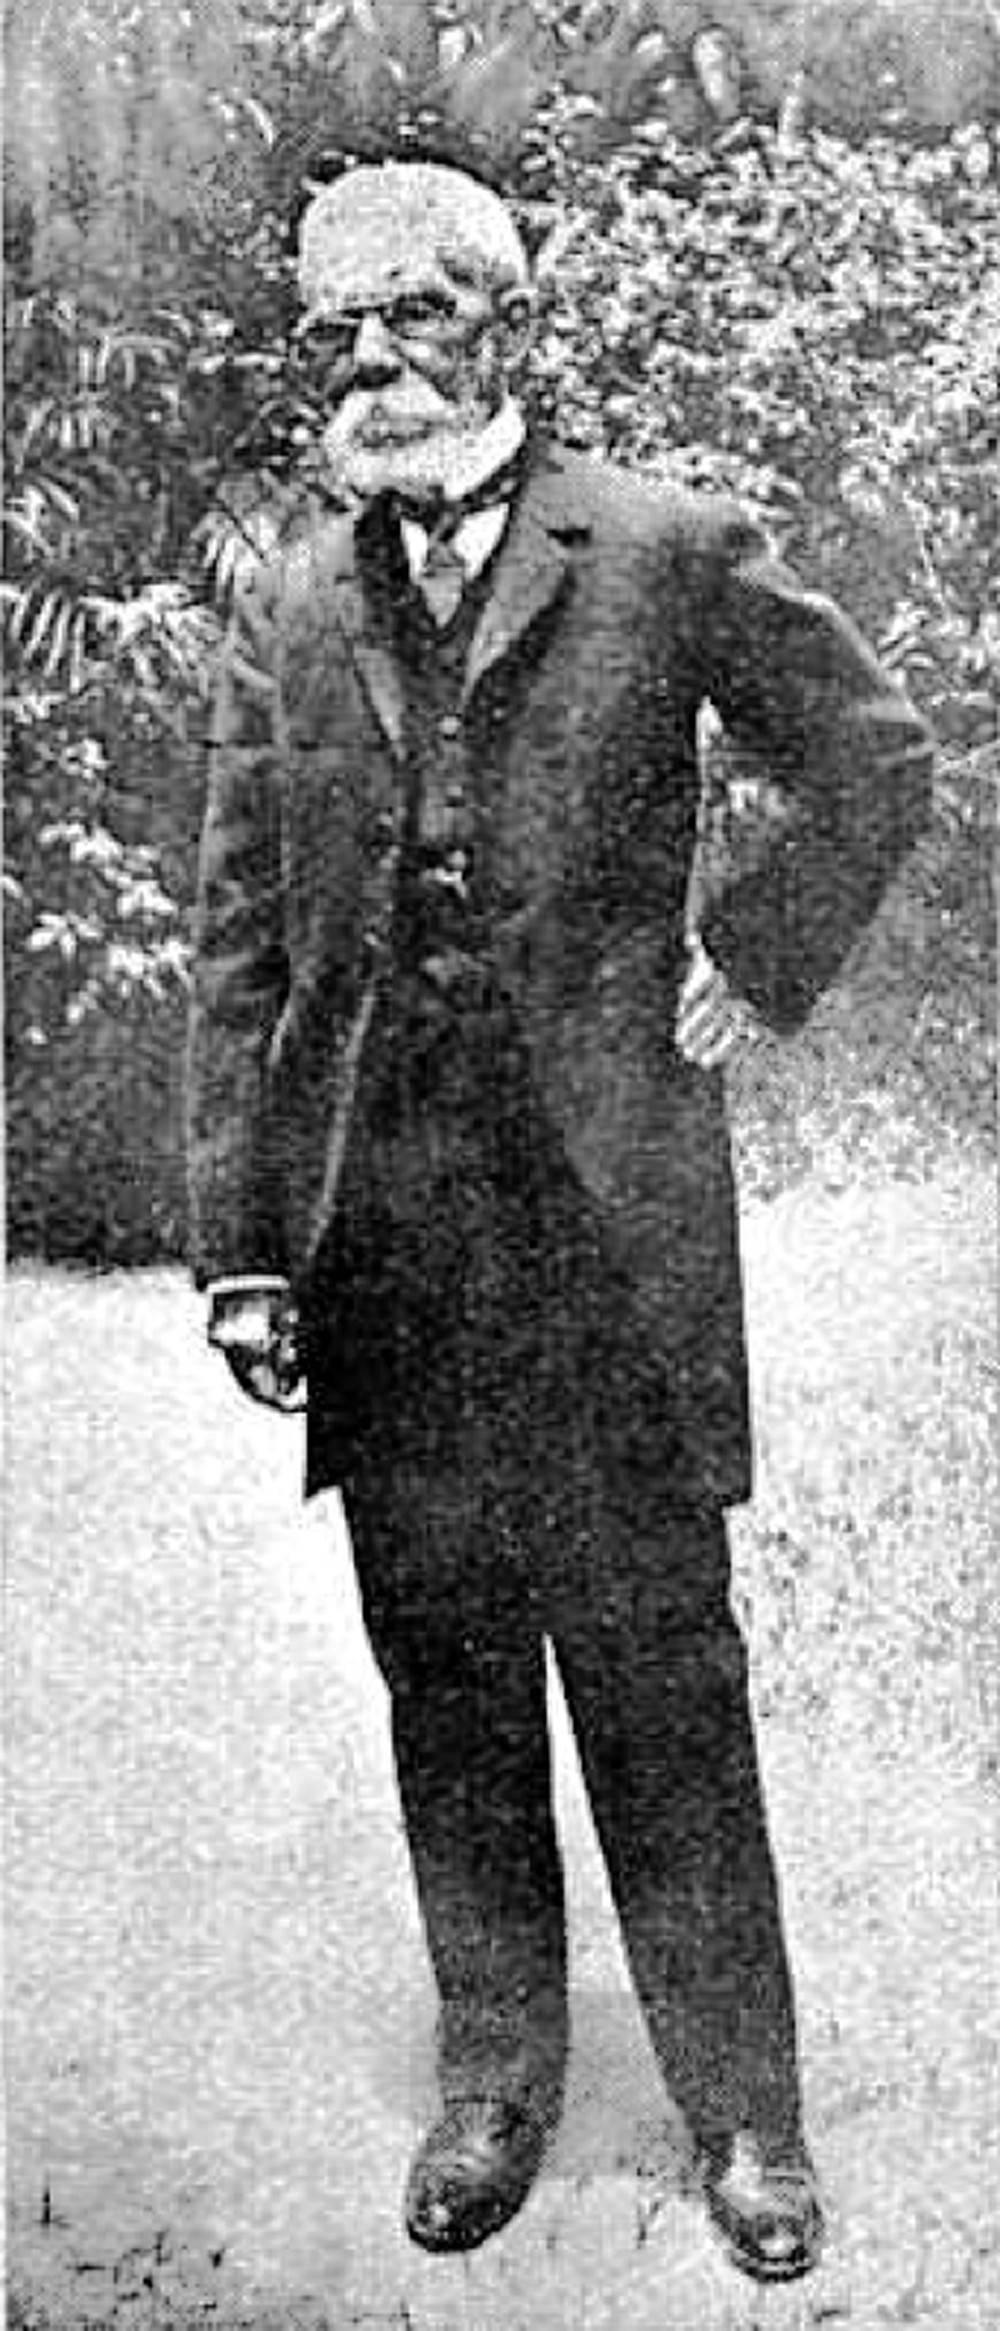 Retrato de Machado de Assis publicado em 1908 - Biblioteca Nacional de España/Divulgação/ND